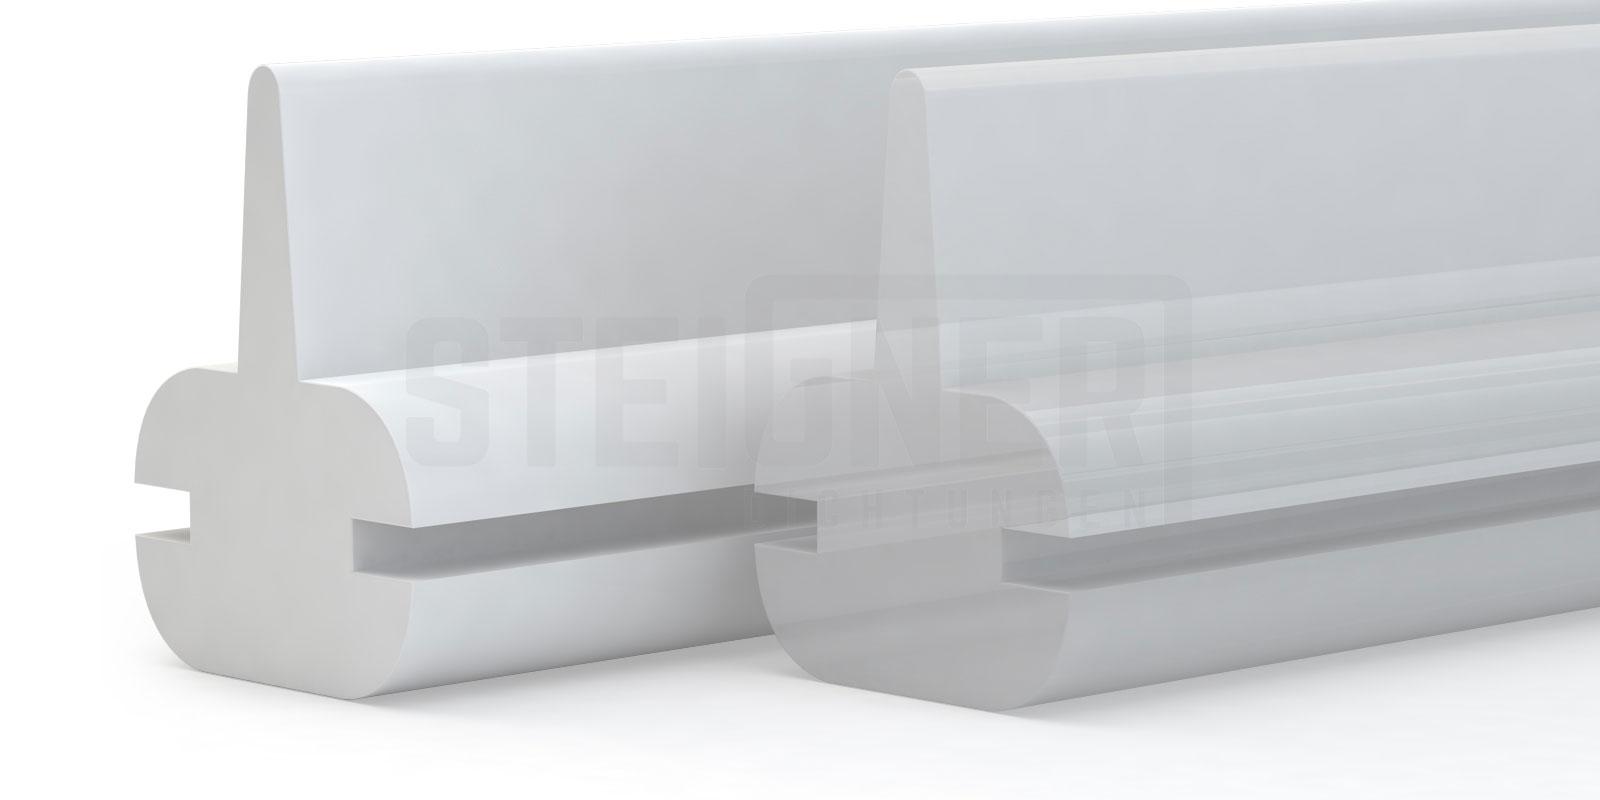 duschdichtung dichtung duschkabine duscht r wasserabweiser glas dichtprofil bad ebay. Black Bedroom Furniture Sets. Home Design Ideas